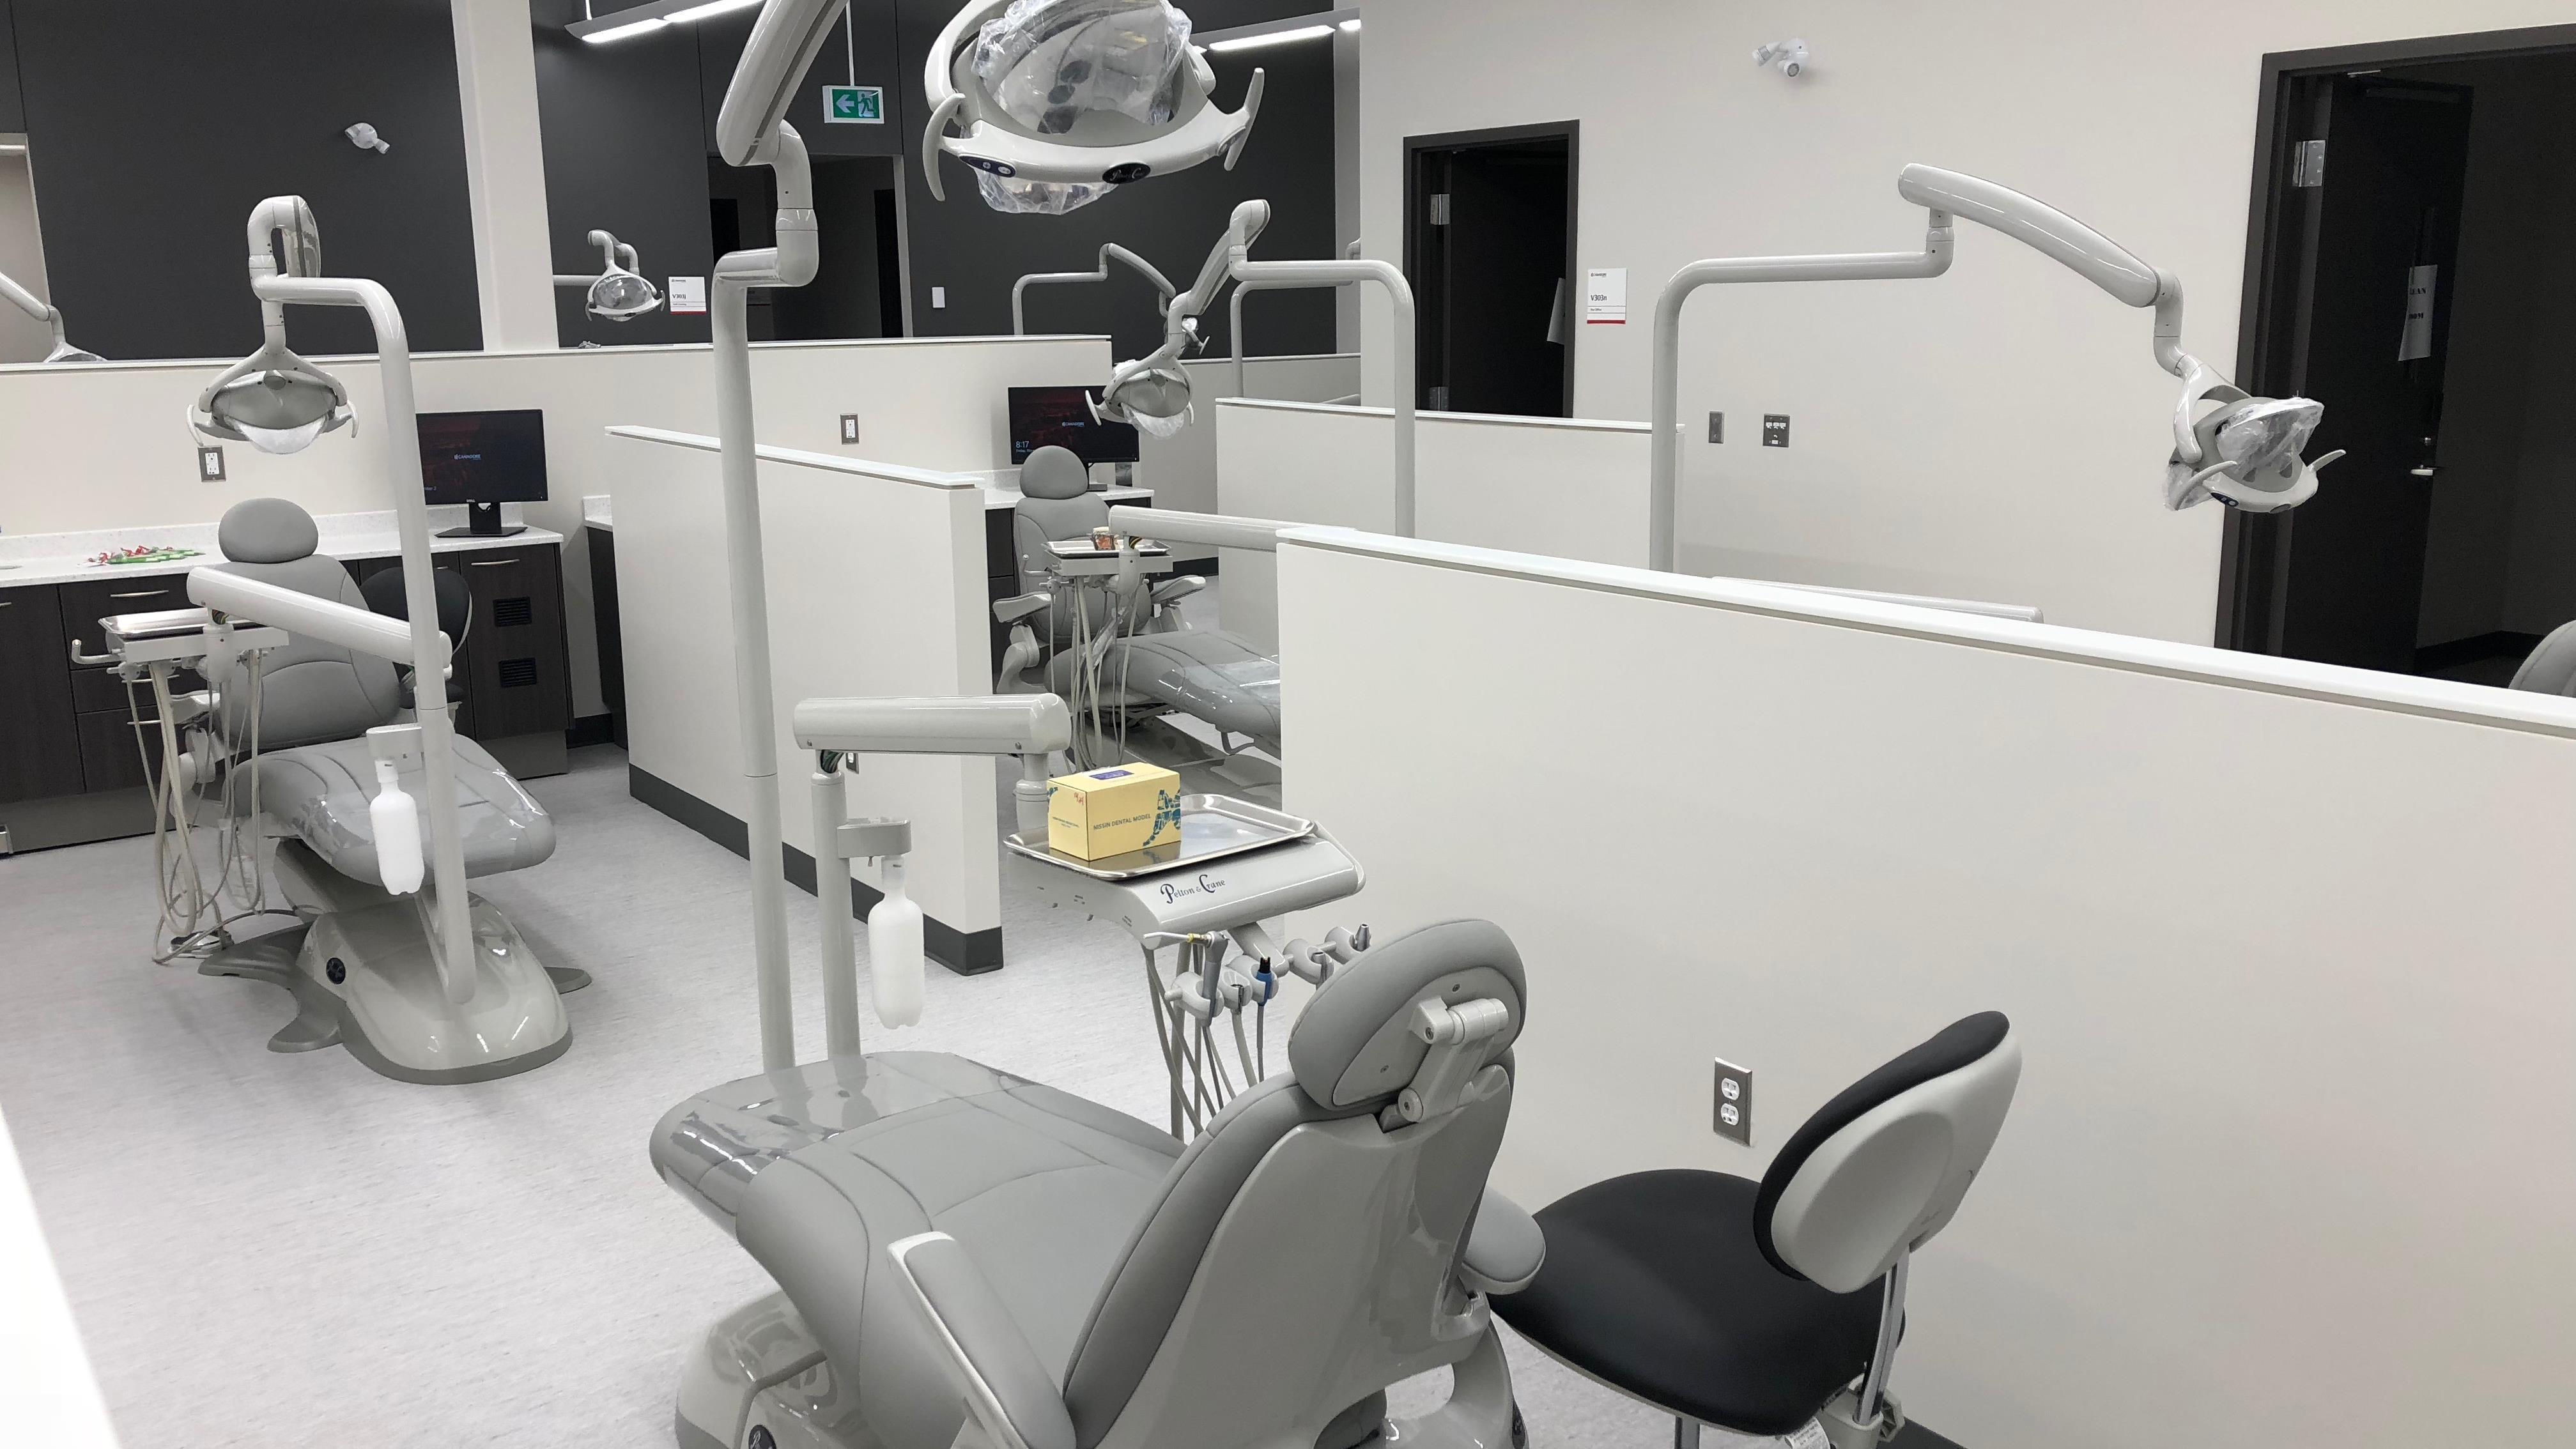 Fauteuils, lampes et autres outils sont à la disposition des étudiants dans cette clinique étudiante.